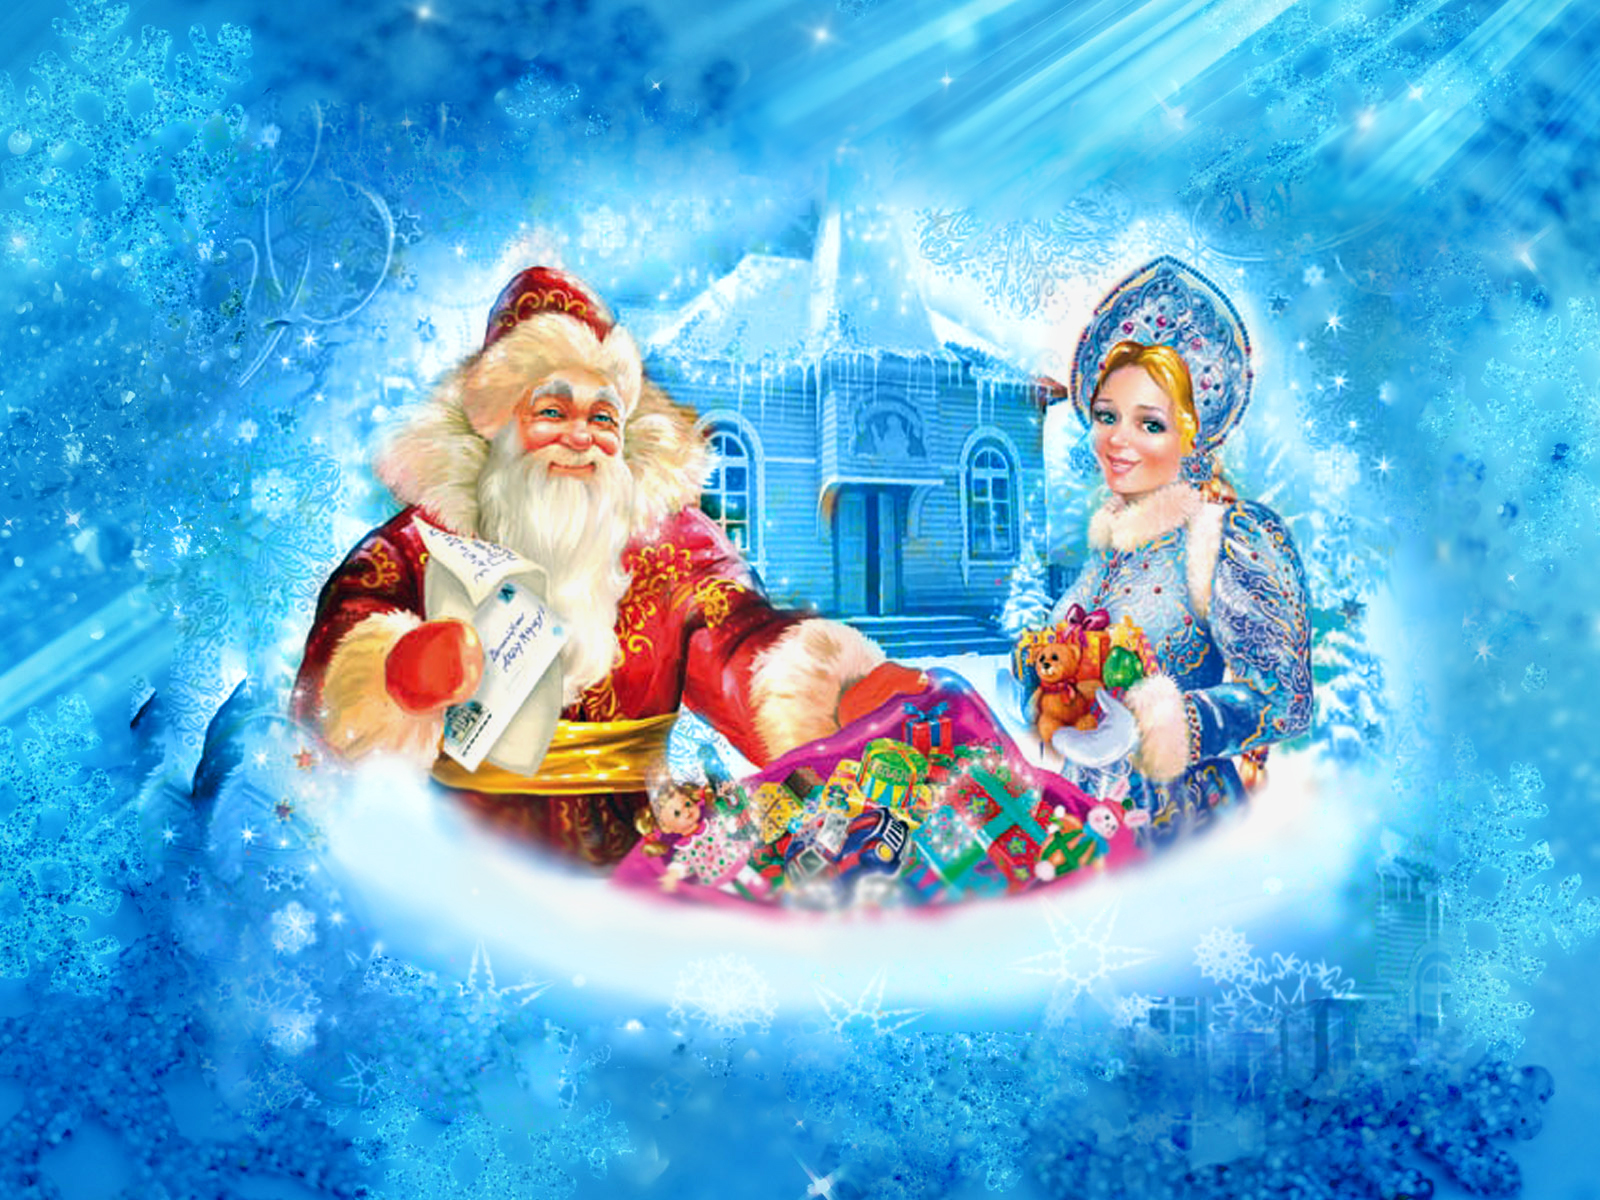 Сбор заказов. Веселые и сказочные дед мороз и снегурочка спешат к вашим деткам. От 1000 рублей.